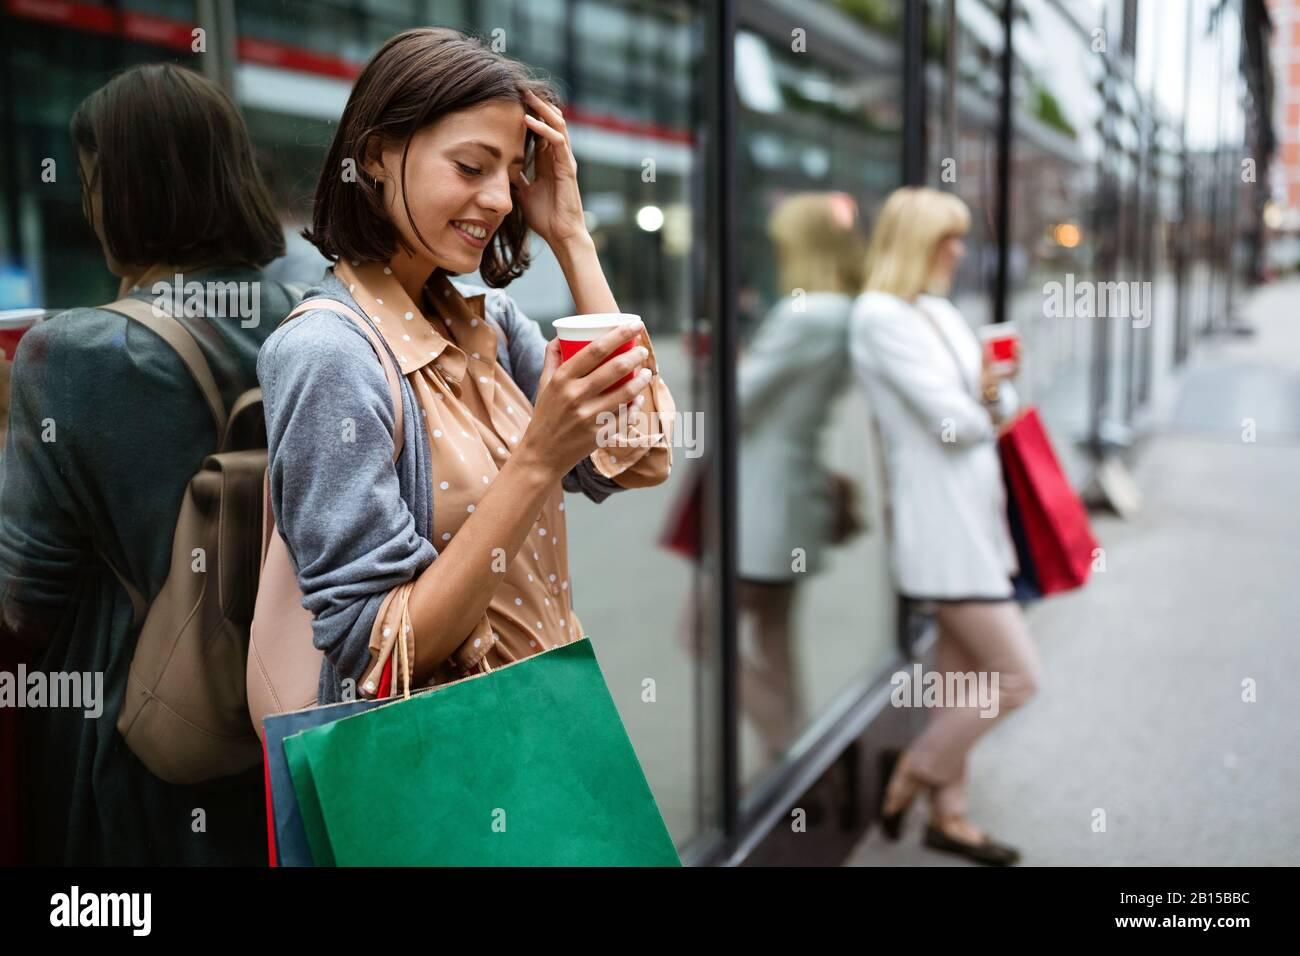 Fröhliche junge Frau, die nach dem Einkaufen in der Stadt Kaffee trinkt und mit Taschen spazieren geht. Stockfoto